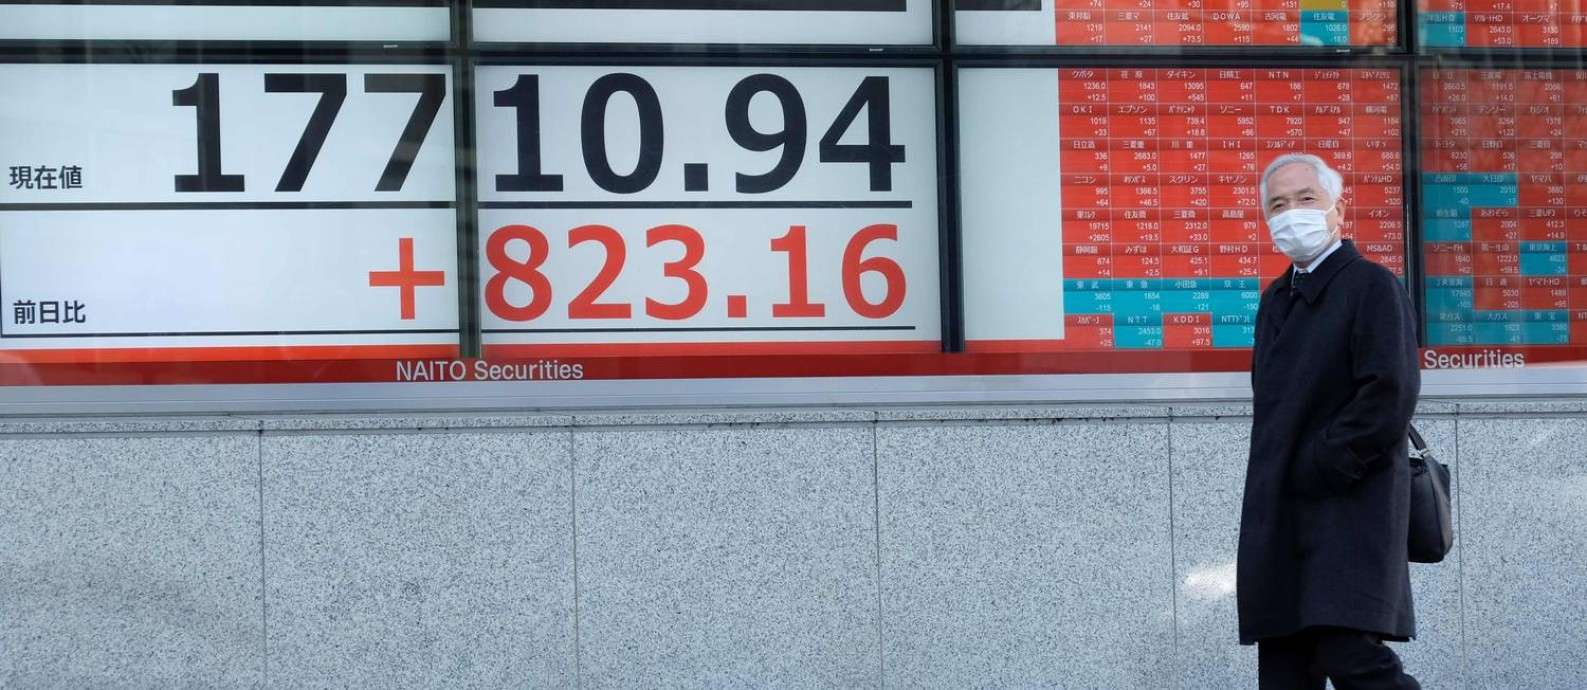 Pedestre passa por painel com as cotações da Bolsa de Tóquio, que fechou em alta expressiva Foto: Kazuhiro Nogi / AFP